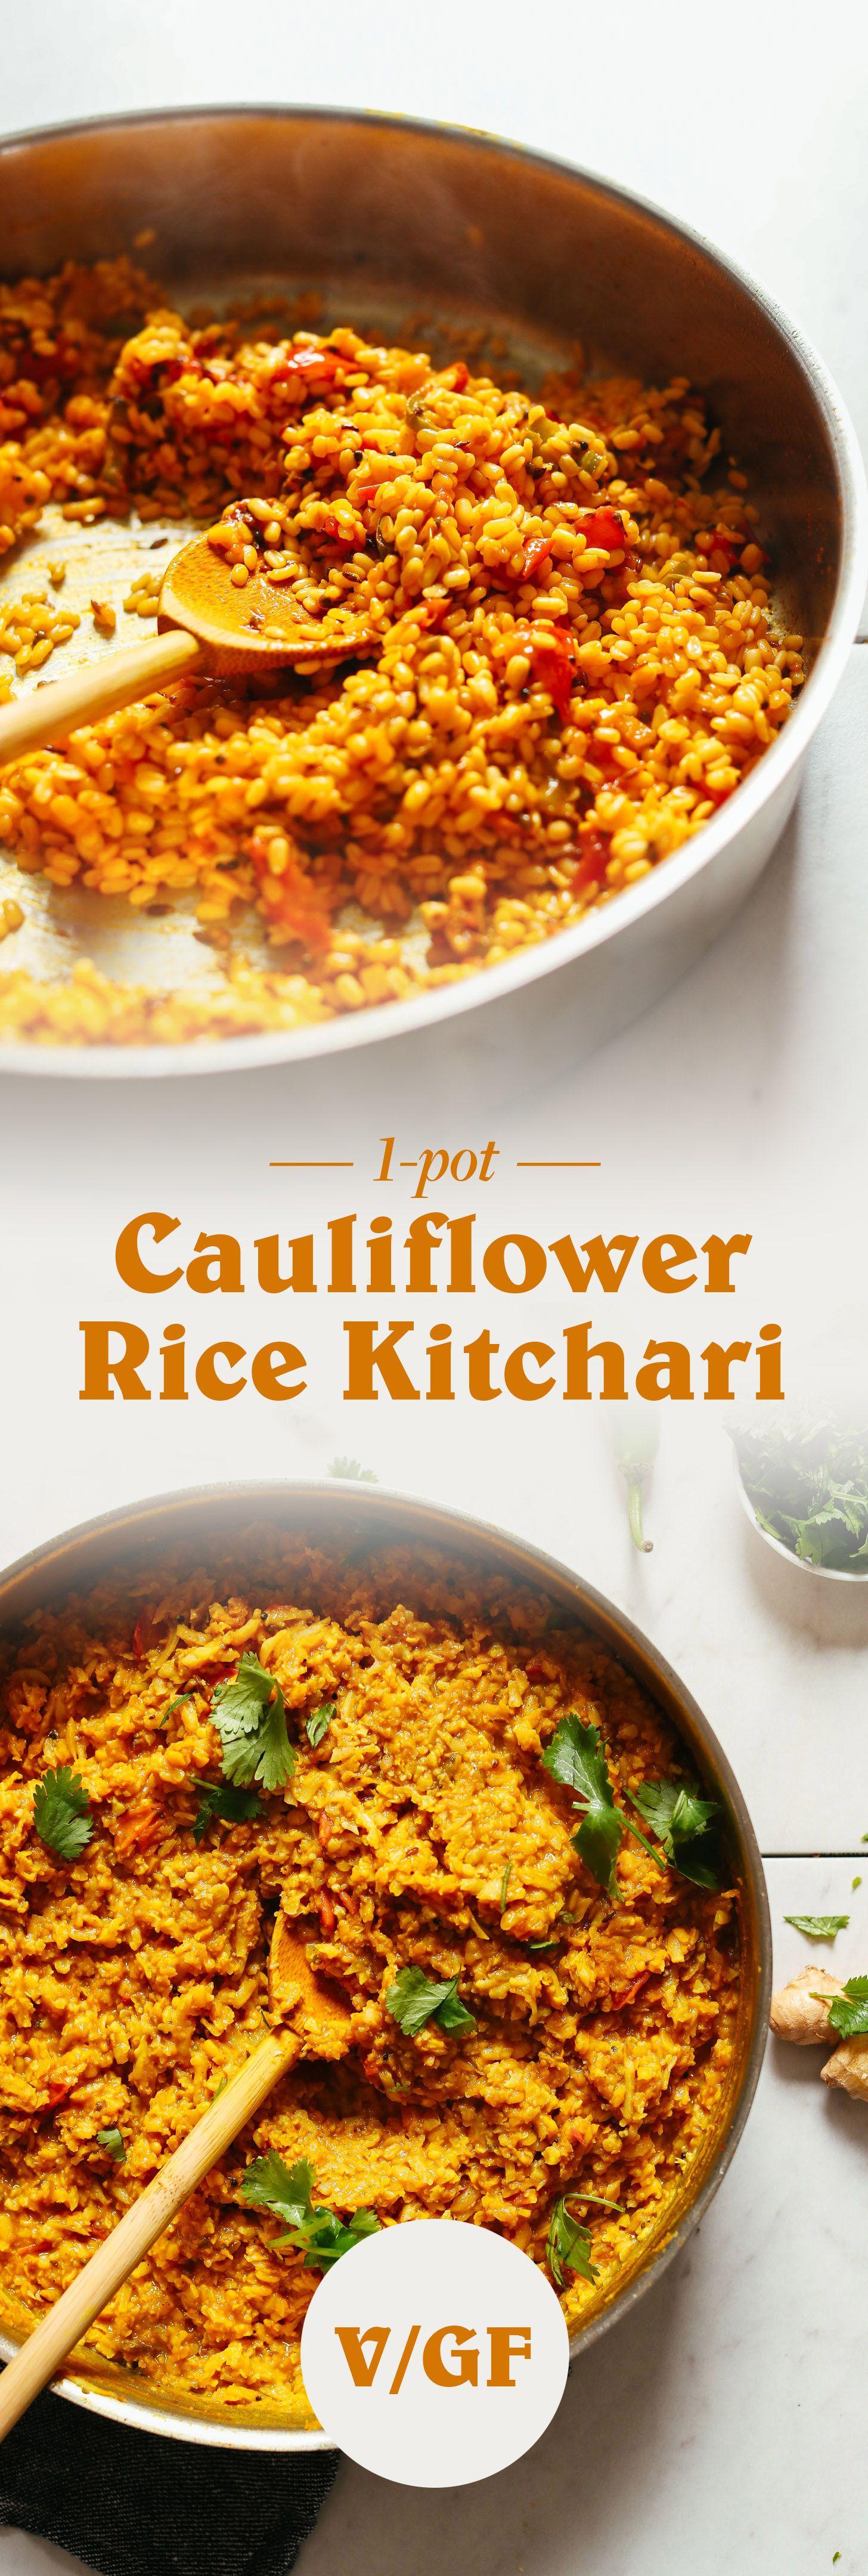 Vegan Cauliflower Rice Kitchari Minimalist Baker Recipes Recipe Recipes Kitchari Recipe Cauliflower Rice